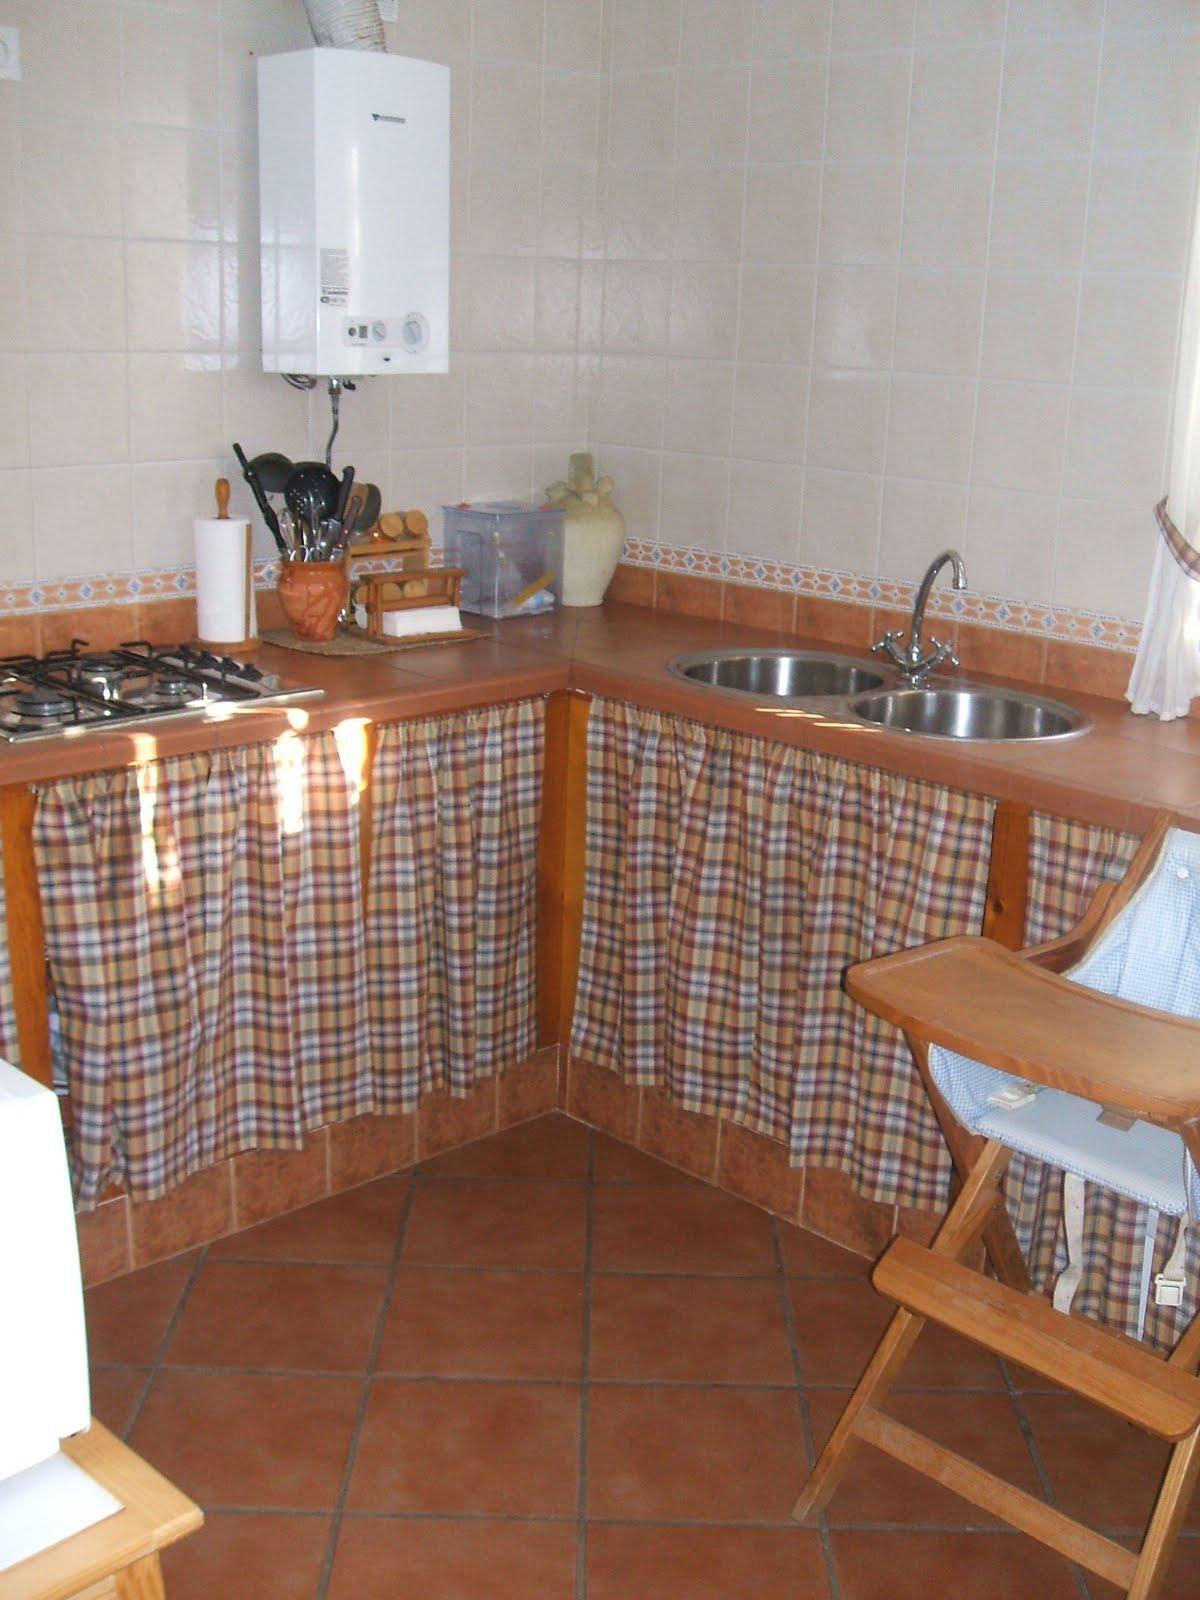 Cocinas de mamposteria imagui for Cocinas de mamposteria